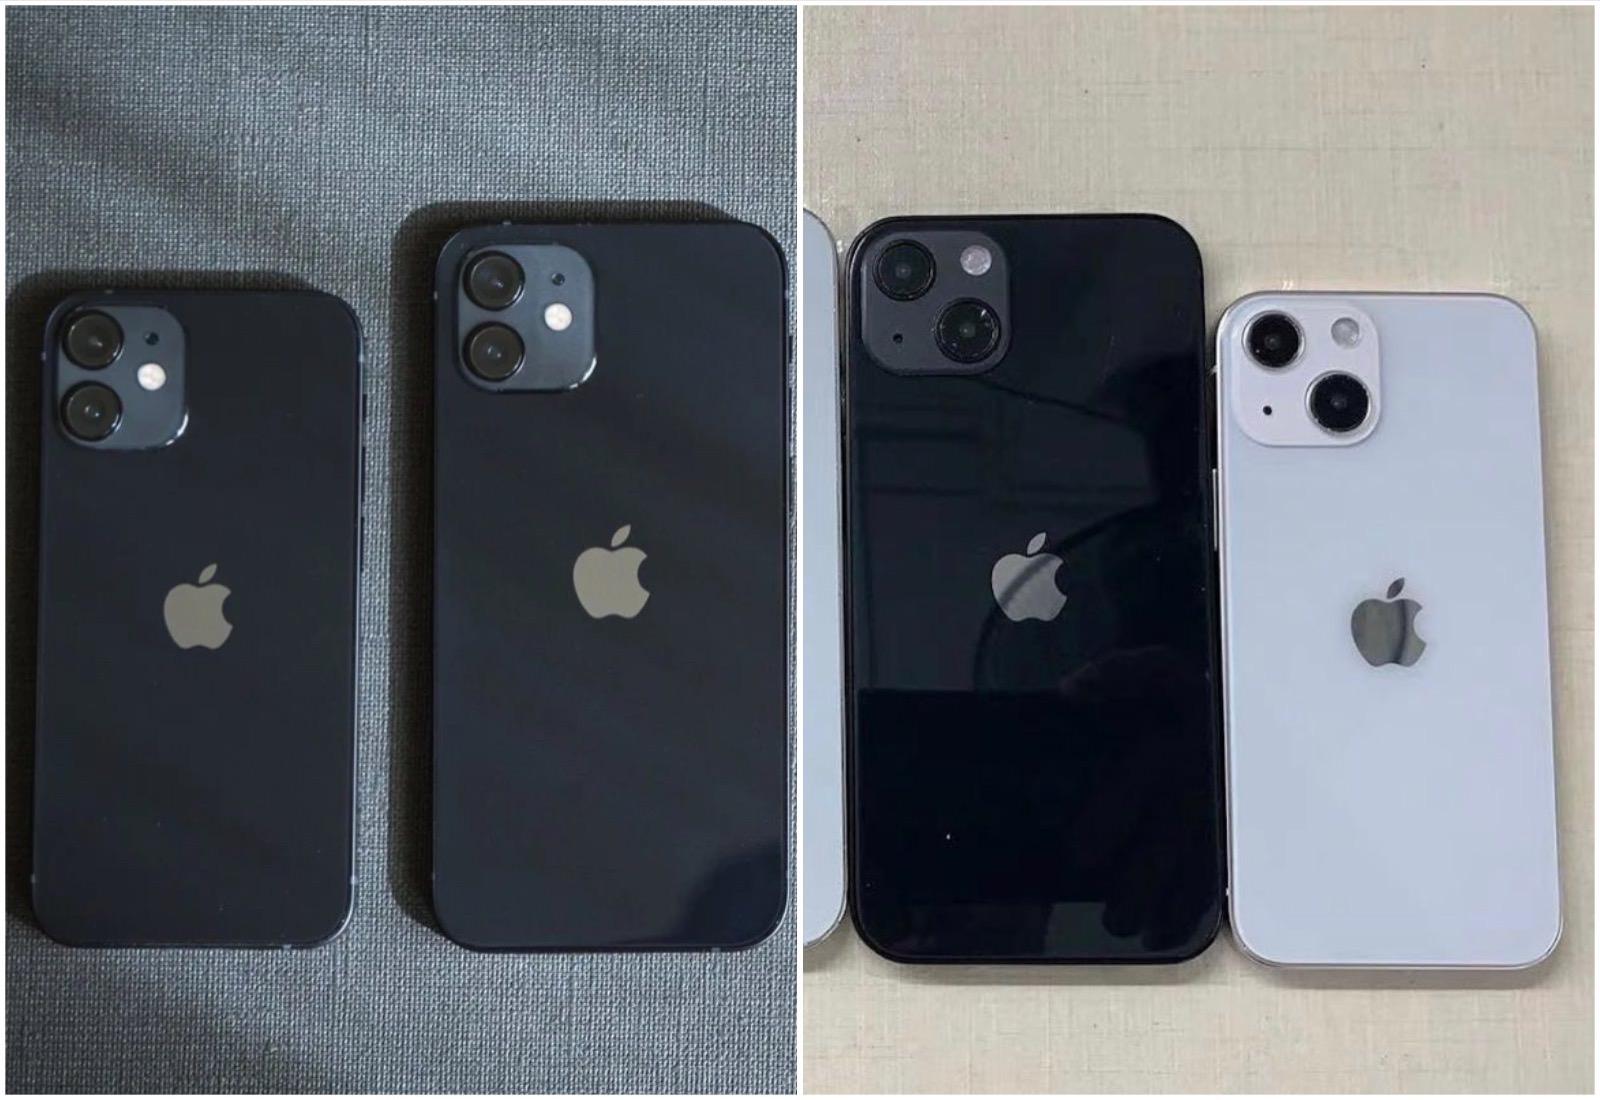 Iphone12 12mini vs 1313mini